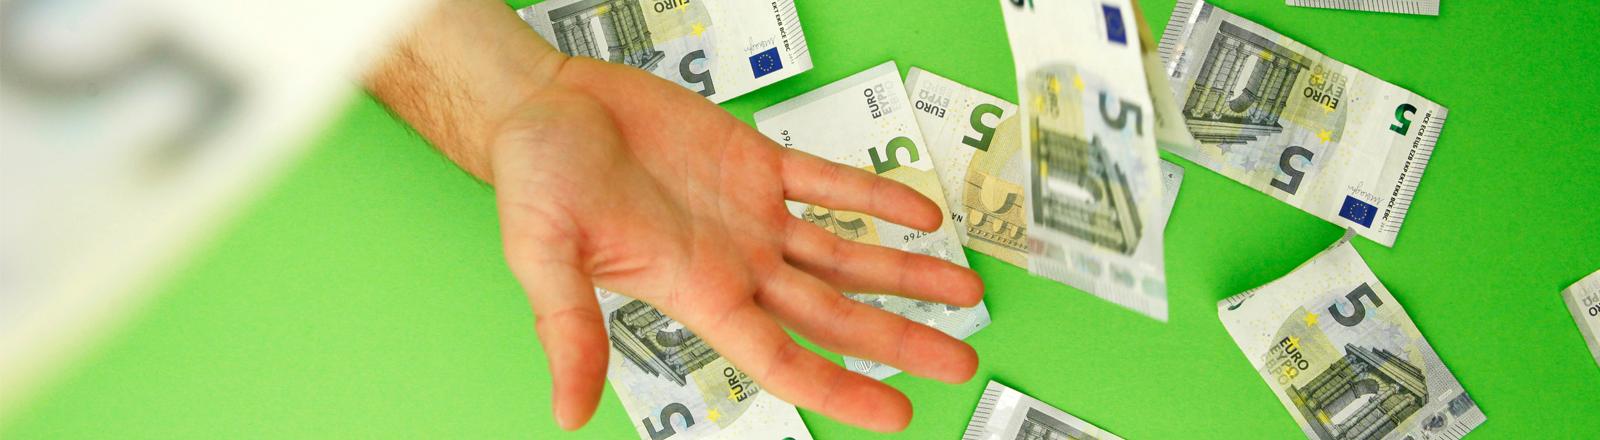 Vor einem grünen Hintergrund fliegen 5-Euro-Scheine durch die Luft, eine Hand versucht, sie zu fangen.